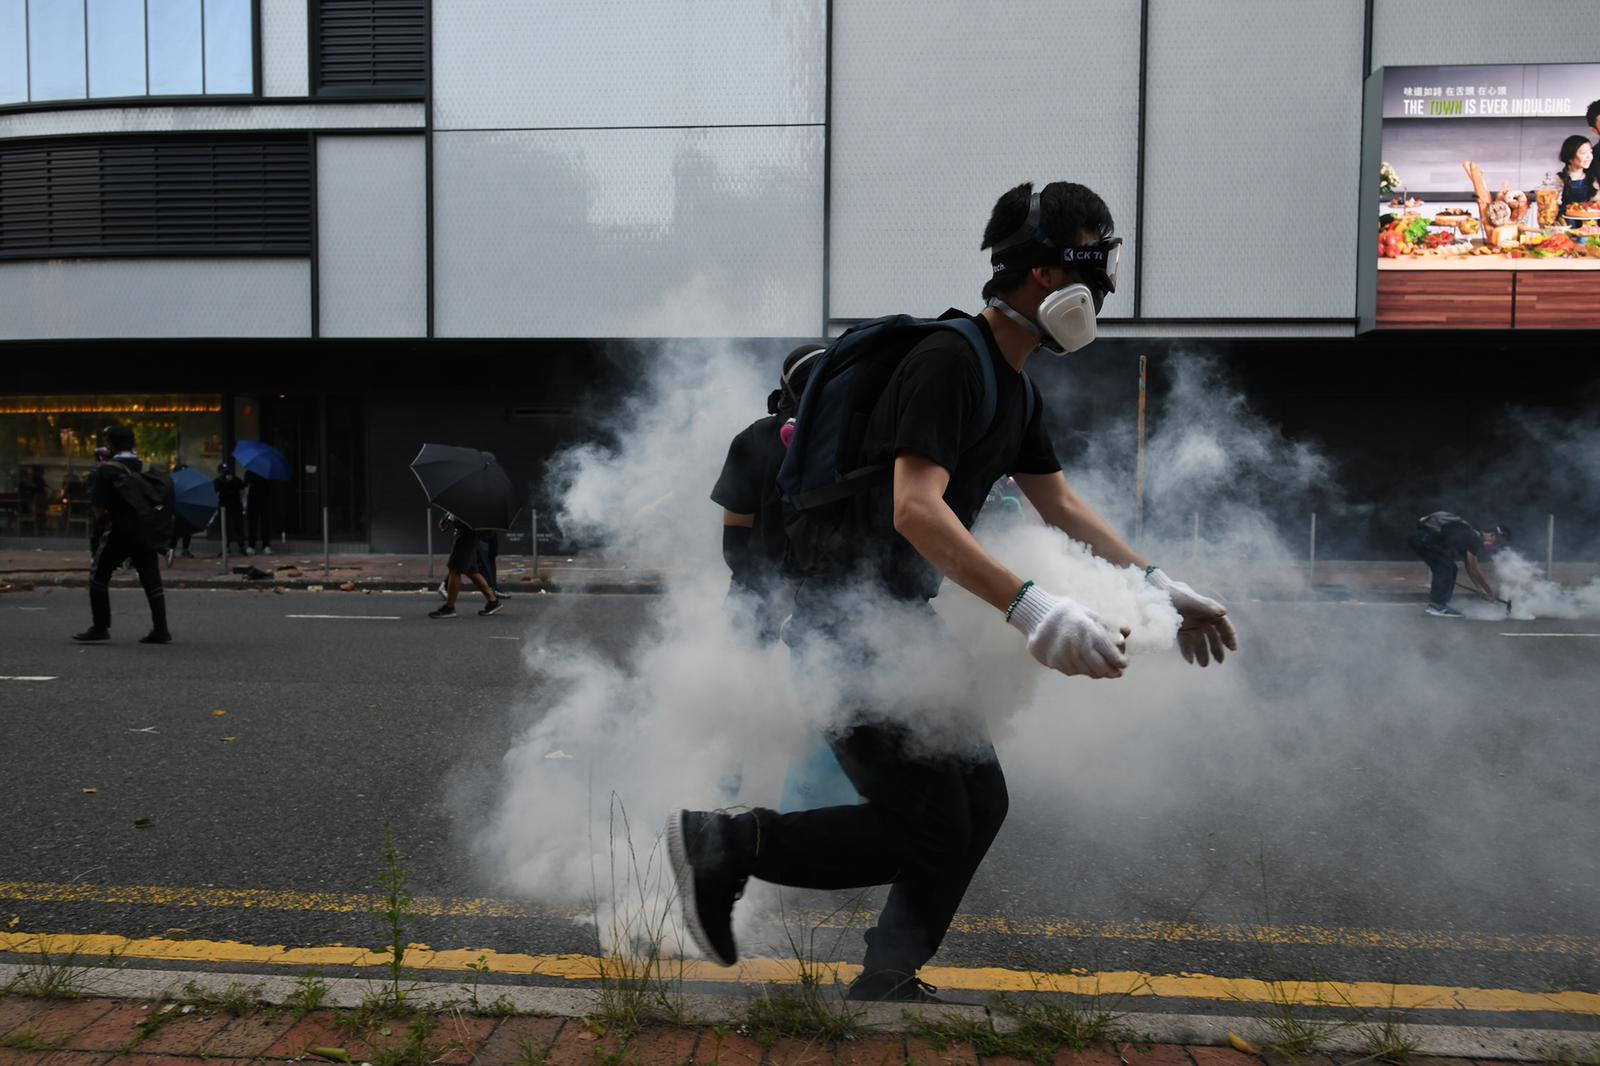 【修例风波】警方指开枪是合法合理自衞 斥示威者暴力行为深度逐渐扩散